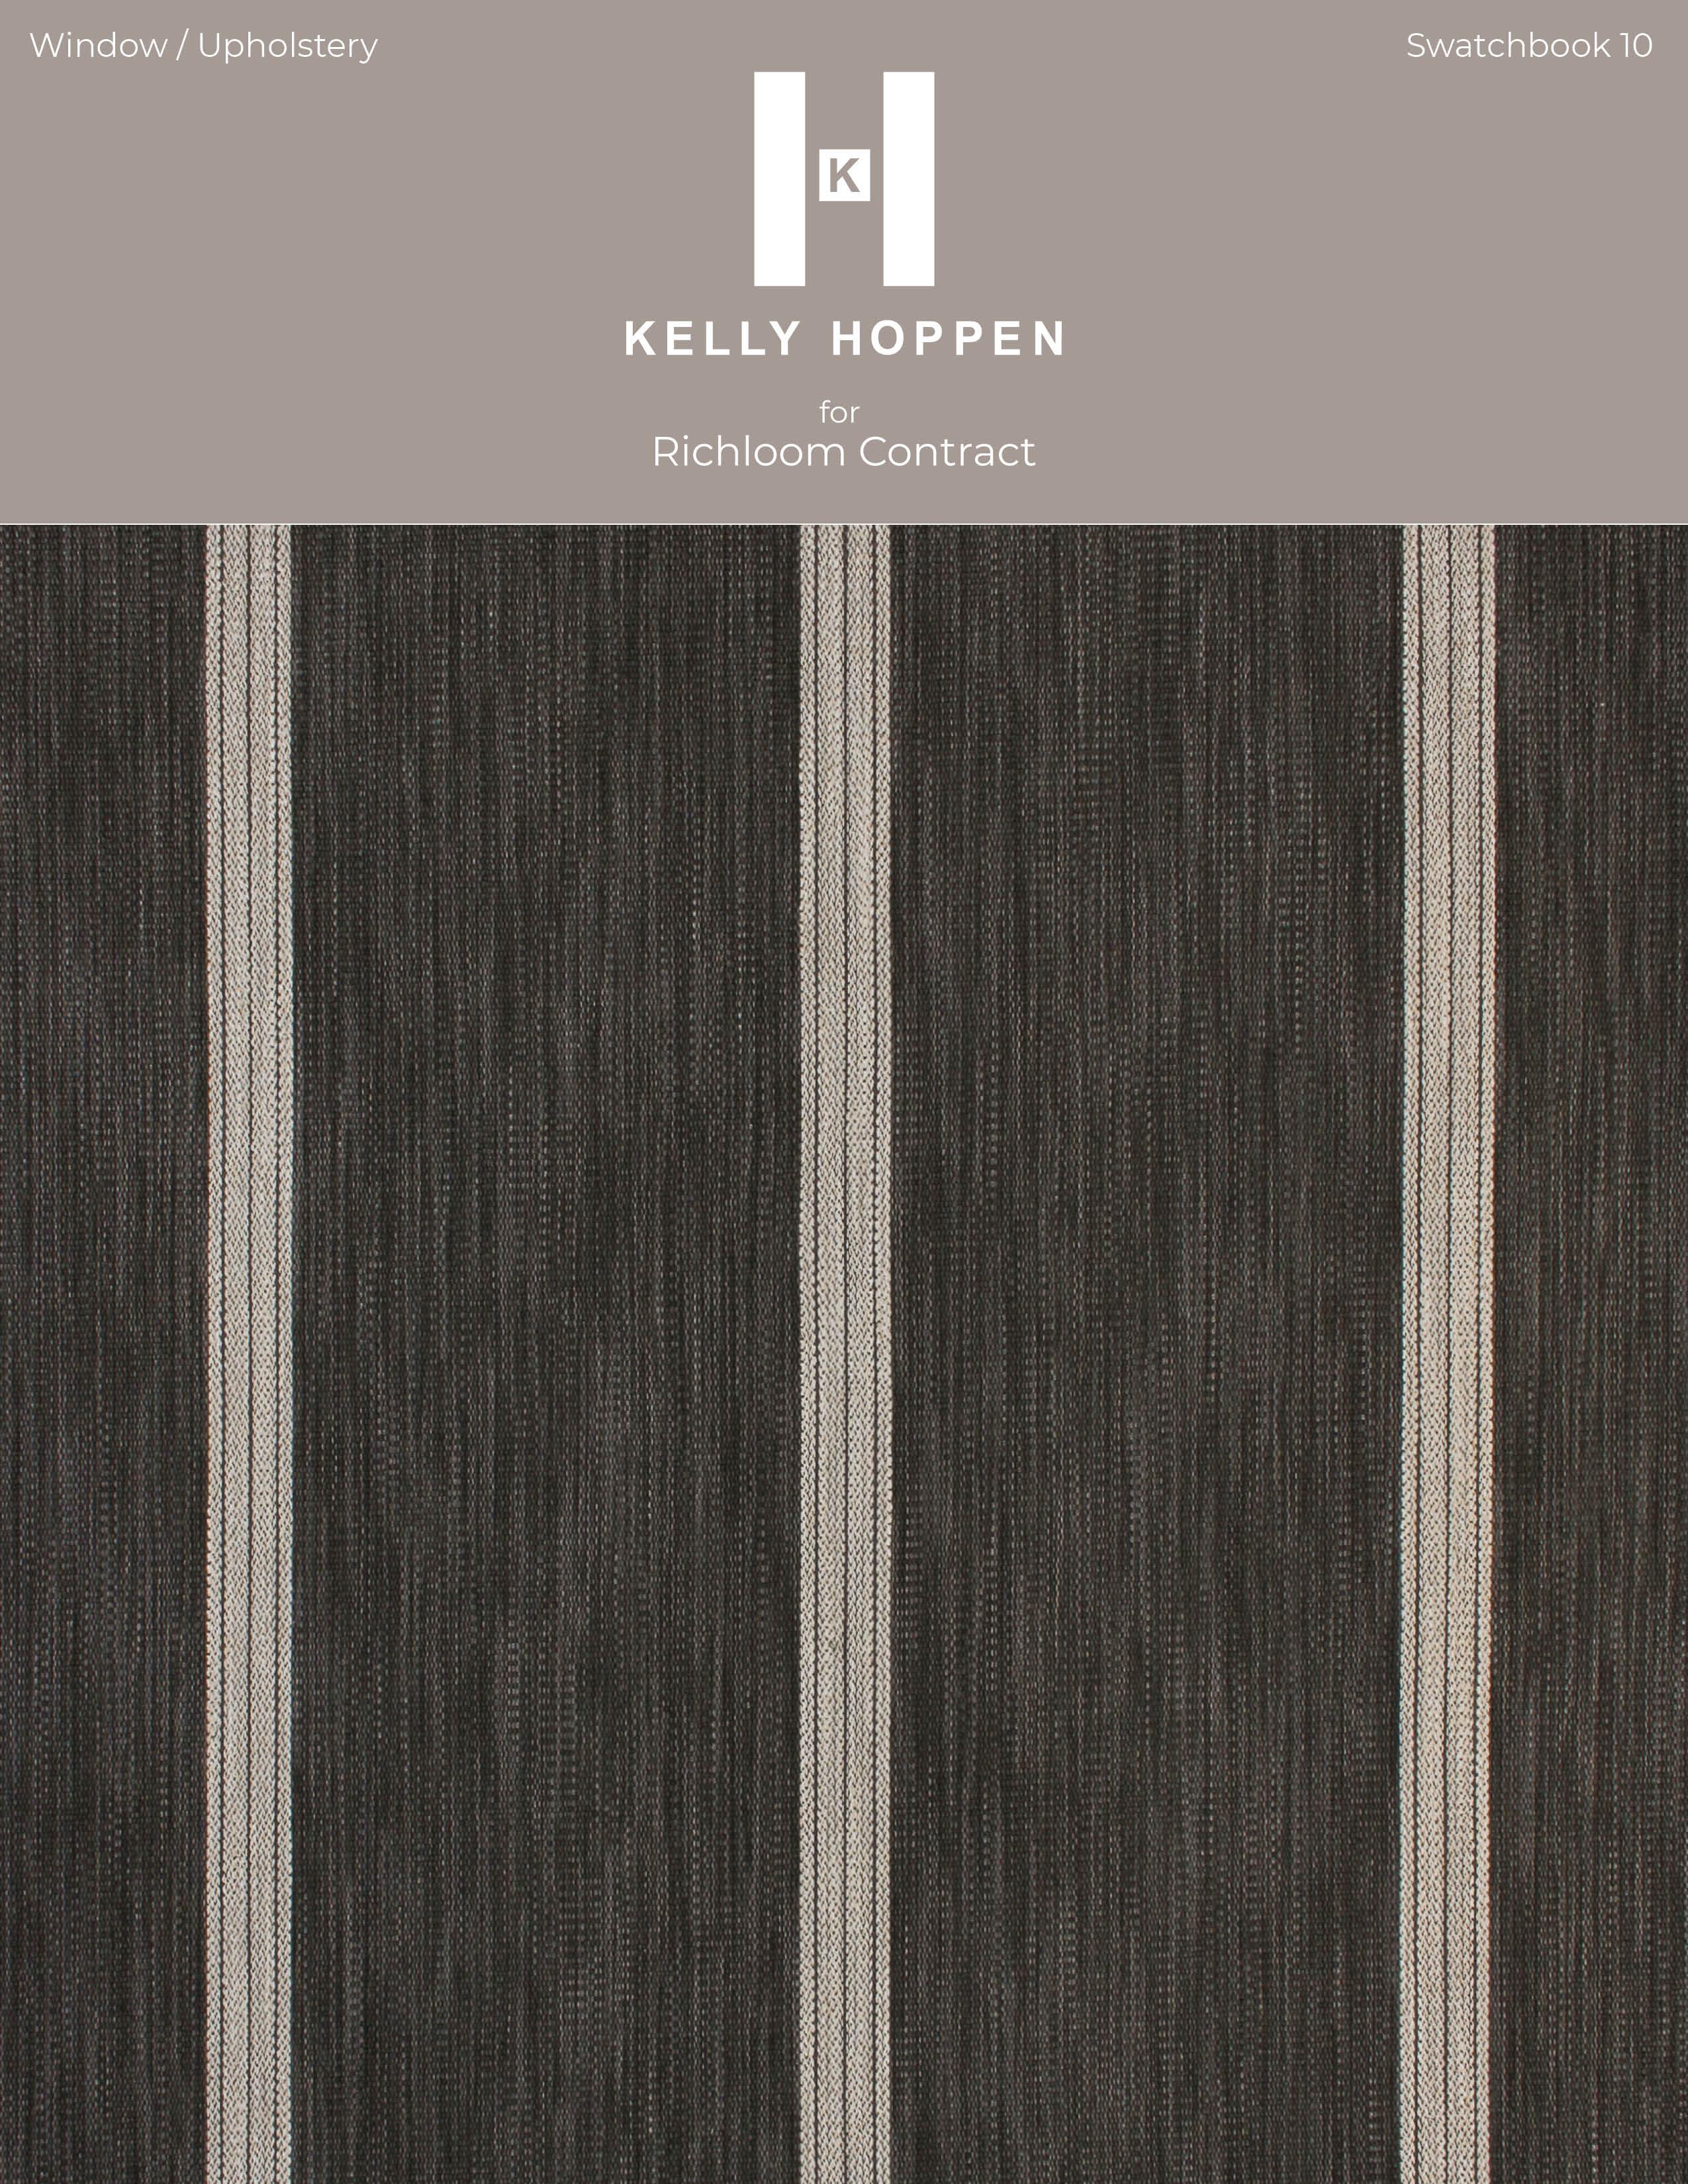 kelly-hoppen-10-cover